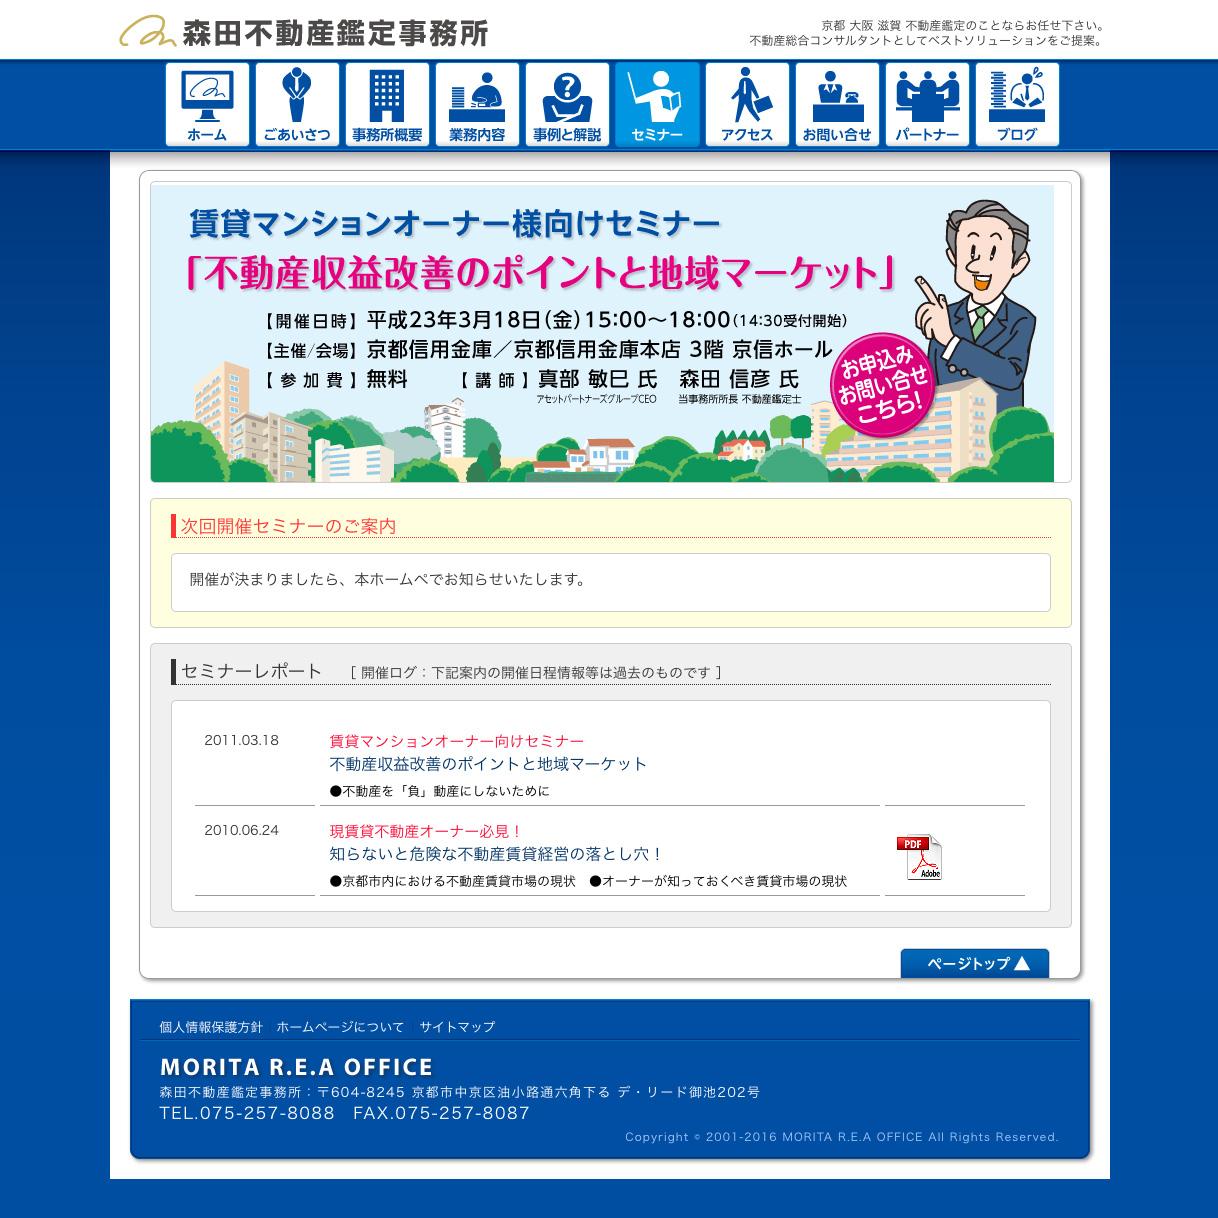 森田不動産鑑定事務所のセミナー情報ページ